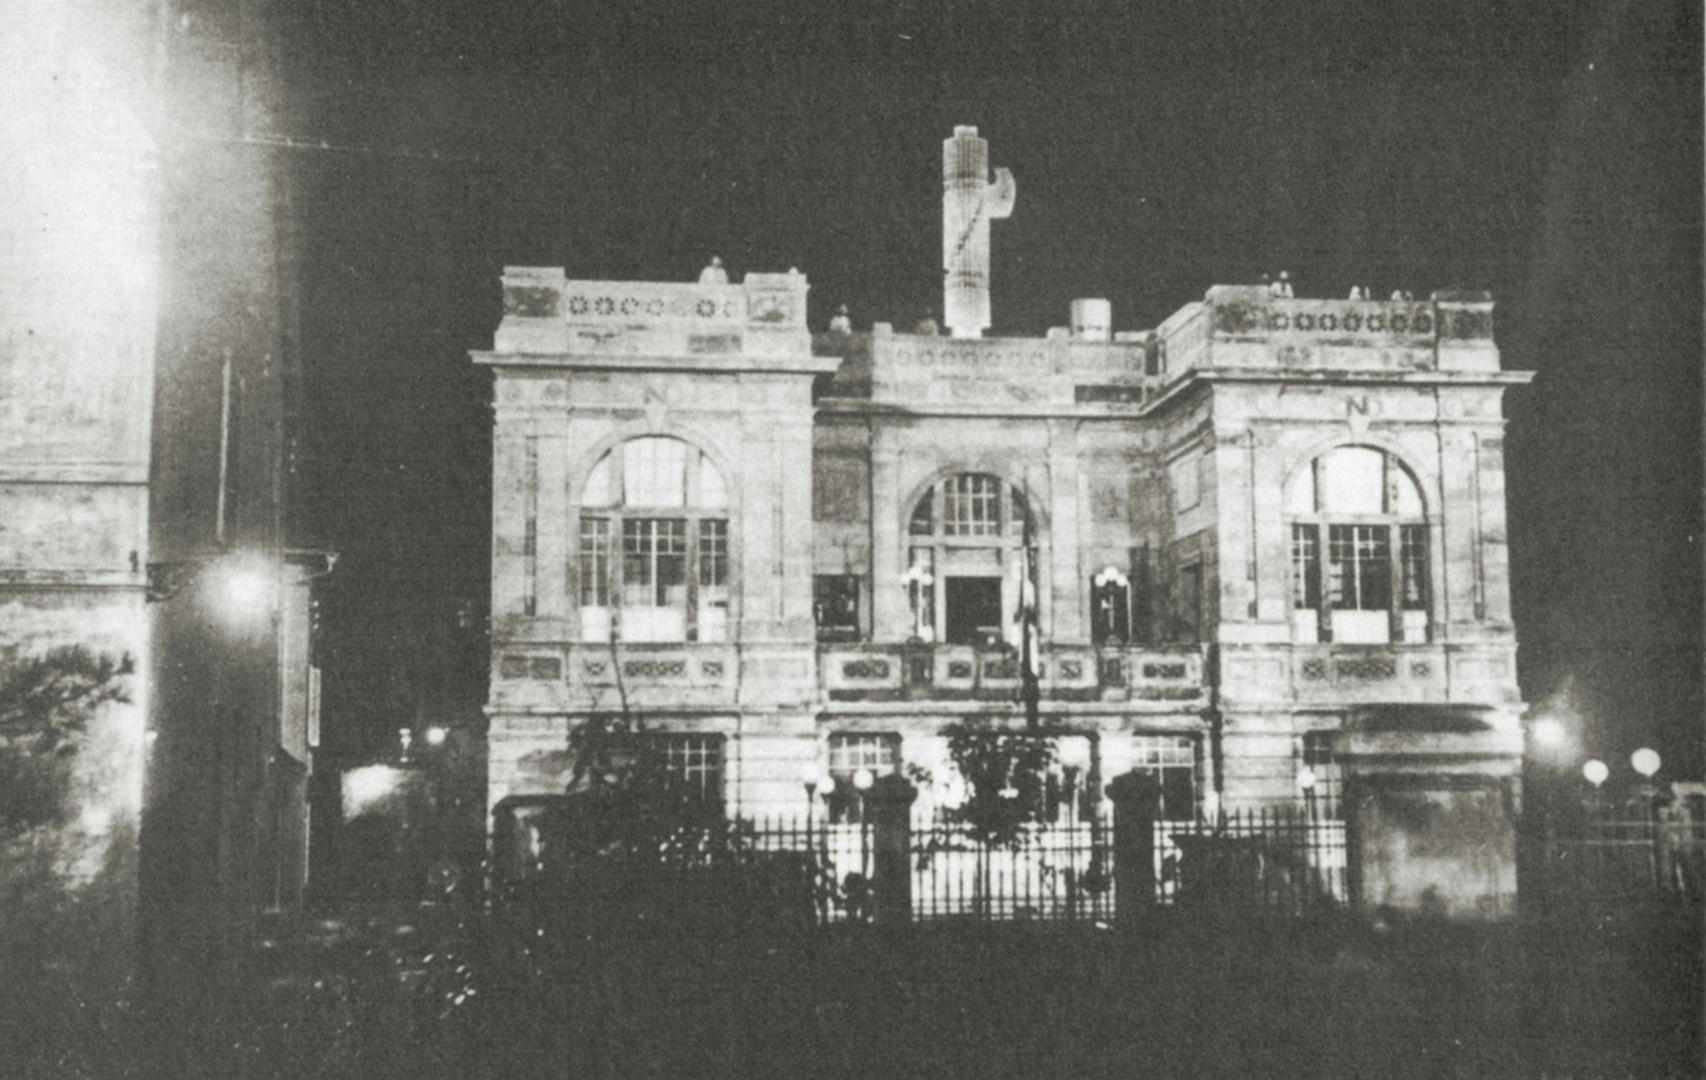 6. Imola, 1932, la sede dell'Opera Nazionale Dopolavoro nel giorno dell'inaugurazione alla presenza del Segretario del PNF Achille Starace (Archivio Franco Parenti)